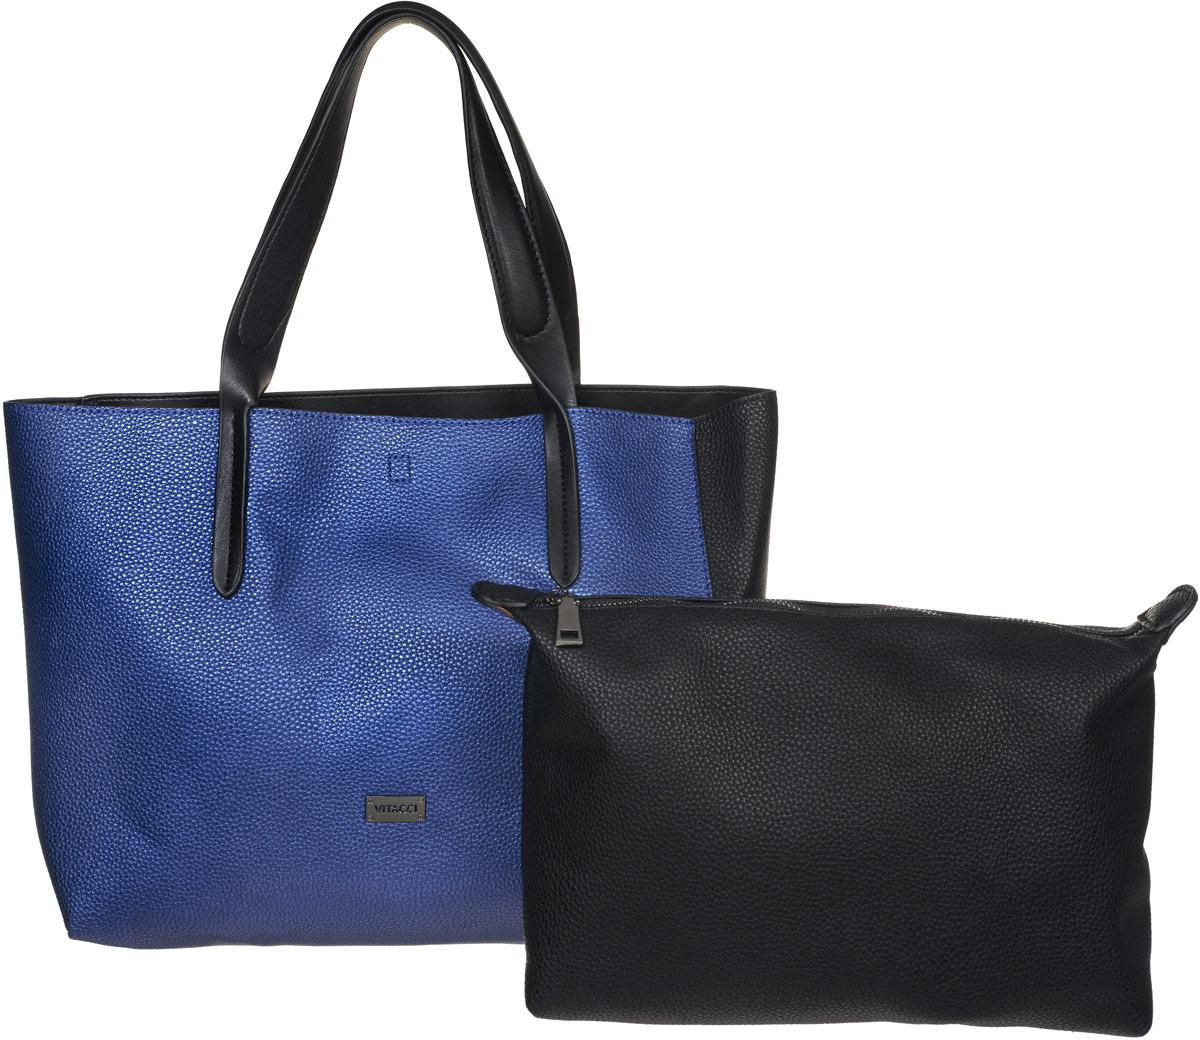 Сумка женская Vitacci, цвет: синий, черный. DN010DN010Изысканная женская сумка Vitacci идеально дополнит ваш образ. Она изготовлена из качественной искусственной кожи зернистой текстуры и оформлена металлической пластинкой с названием бренда. Сумка оснащена удобными ручками, с помощью которых изделие можно носить как в руках, так и на плече. К сумке прилагается съемное отделение из искусственной кожи с текстильной подкладкой, внутри которого содержится один вшитый карман на молнии. Изделие закрывается ремешками-завязками. Роскошная и модная сумка внесет элегантные нотки в ваш образ и подчеркнет ваш неповторимый стиль.